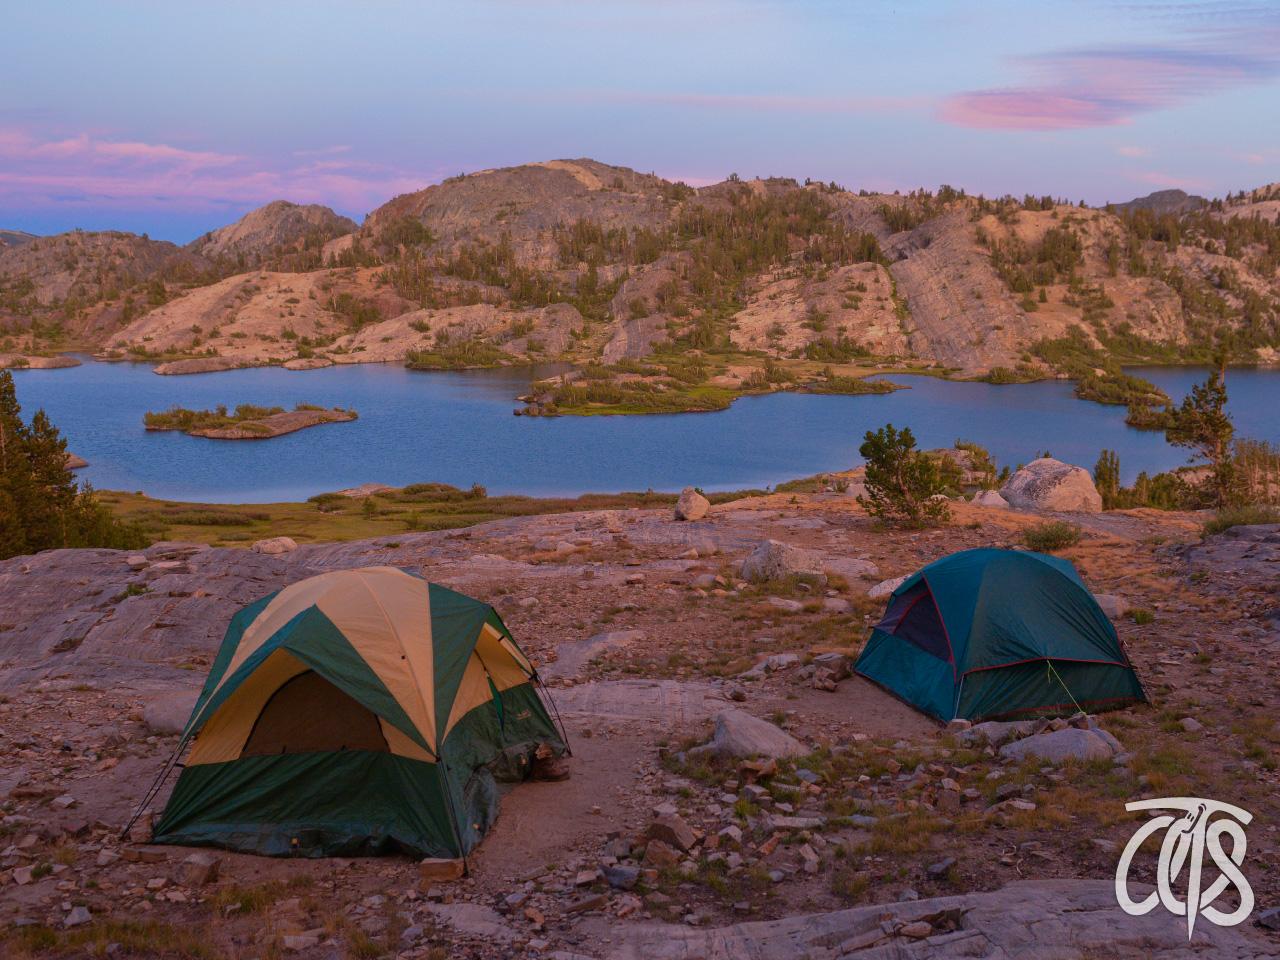 キャンプ生活も楽しみのひとつ